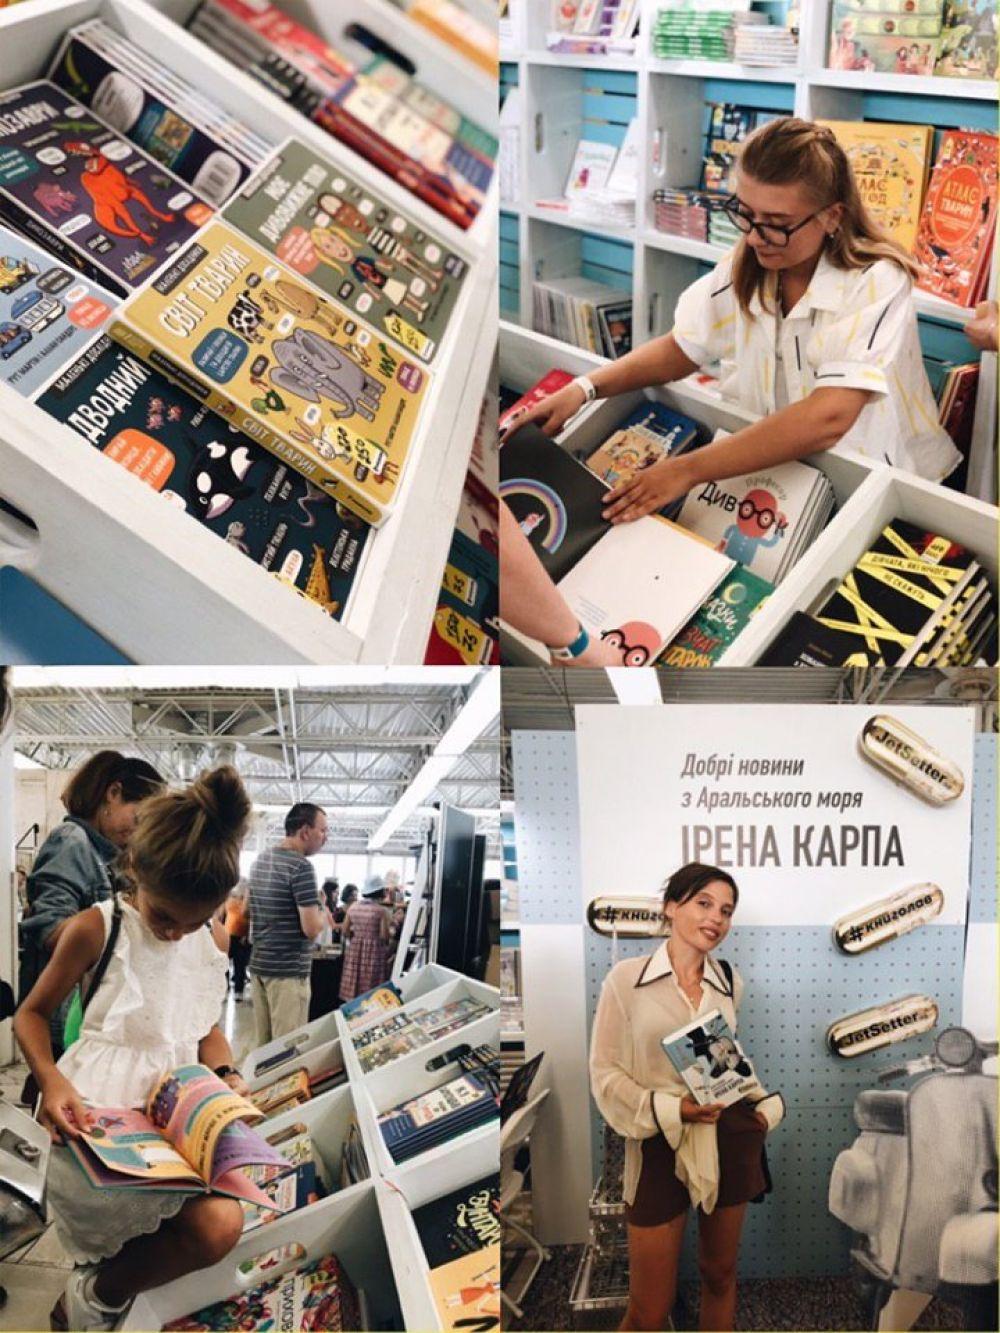 А для любителей интеллектуальных развлечений в Киеве прошел большой литературный сэйшн на Кураж Базаре, в гости также пришли украинские поэты и писатели.